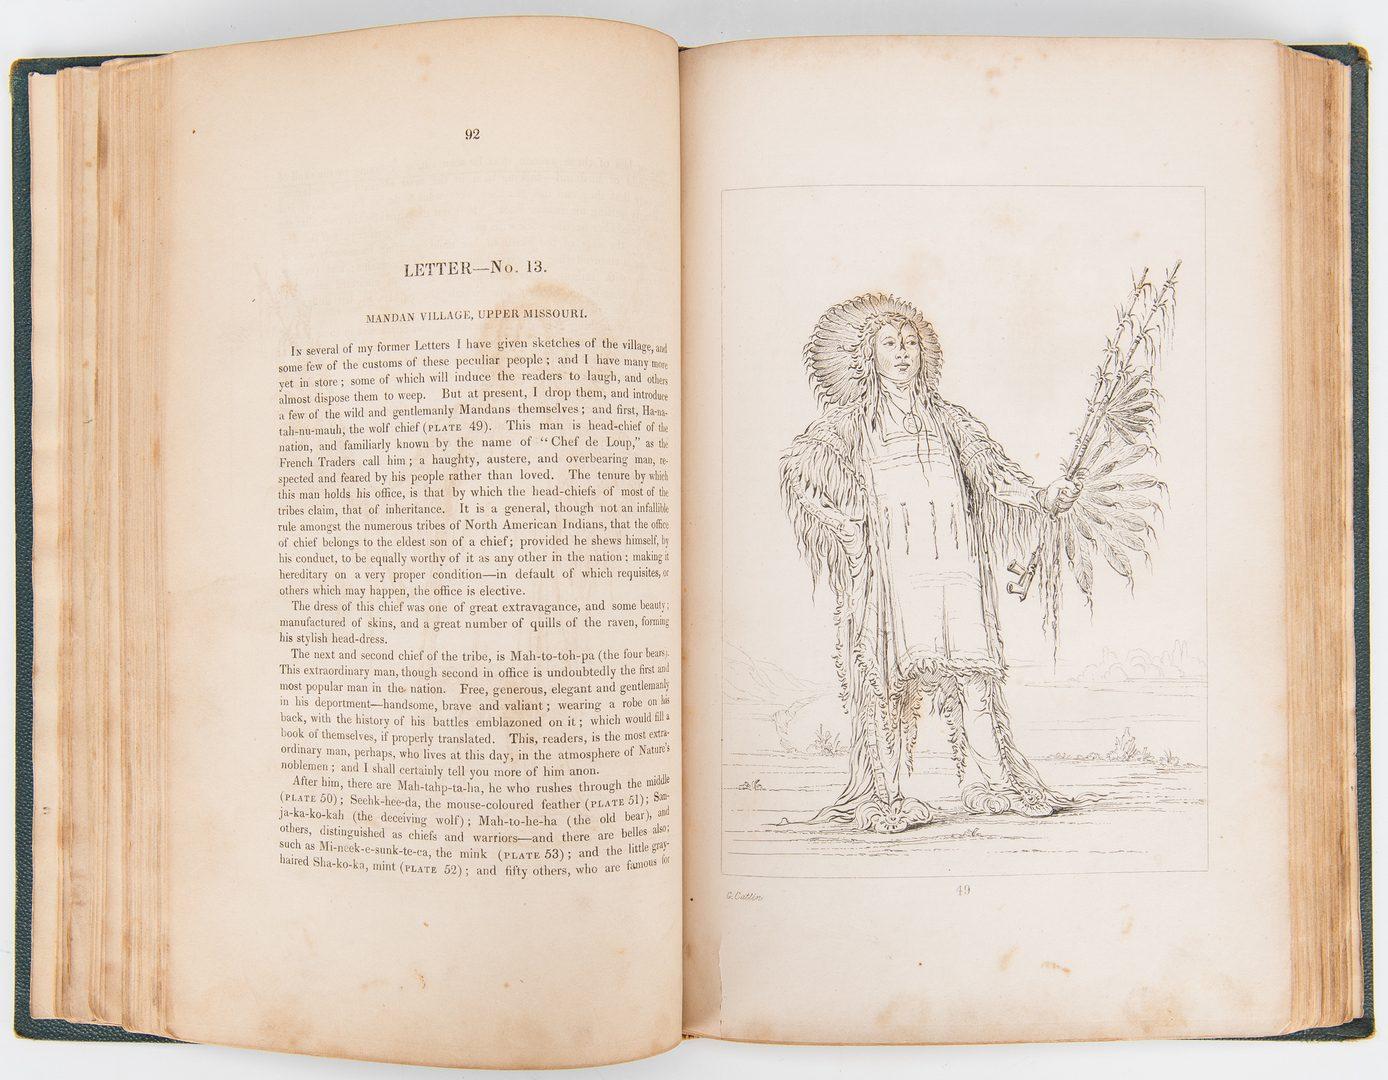 Lot 279: Catlin, North American Indians, Vol. I & II, Sixth